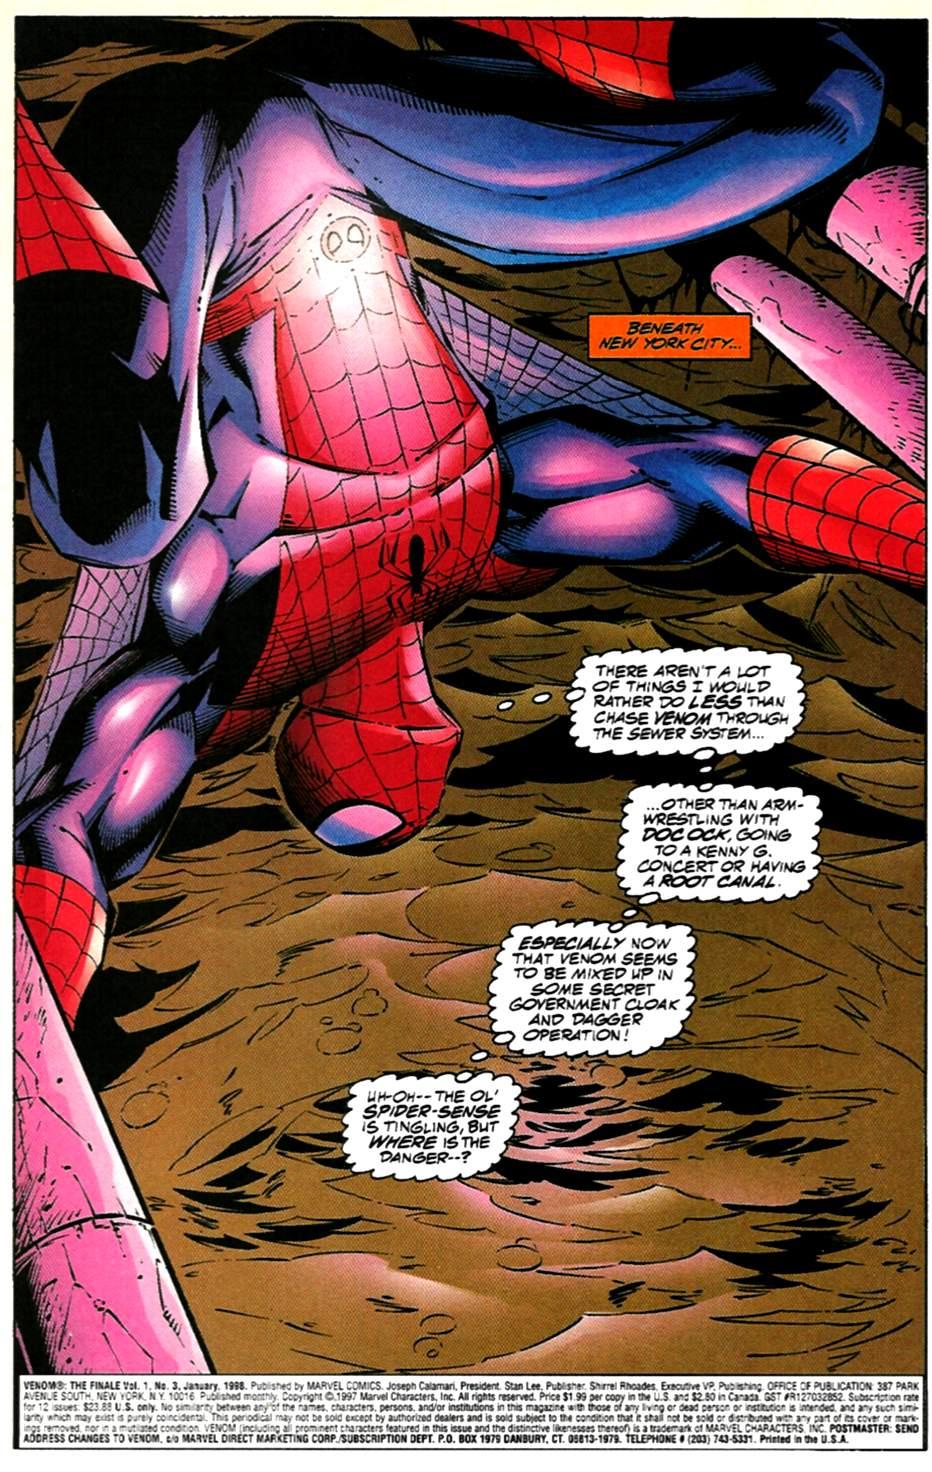 Comic Venom: The Finale issue 3